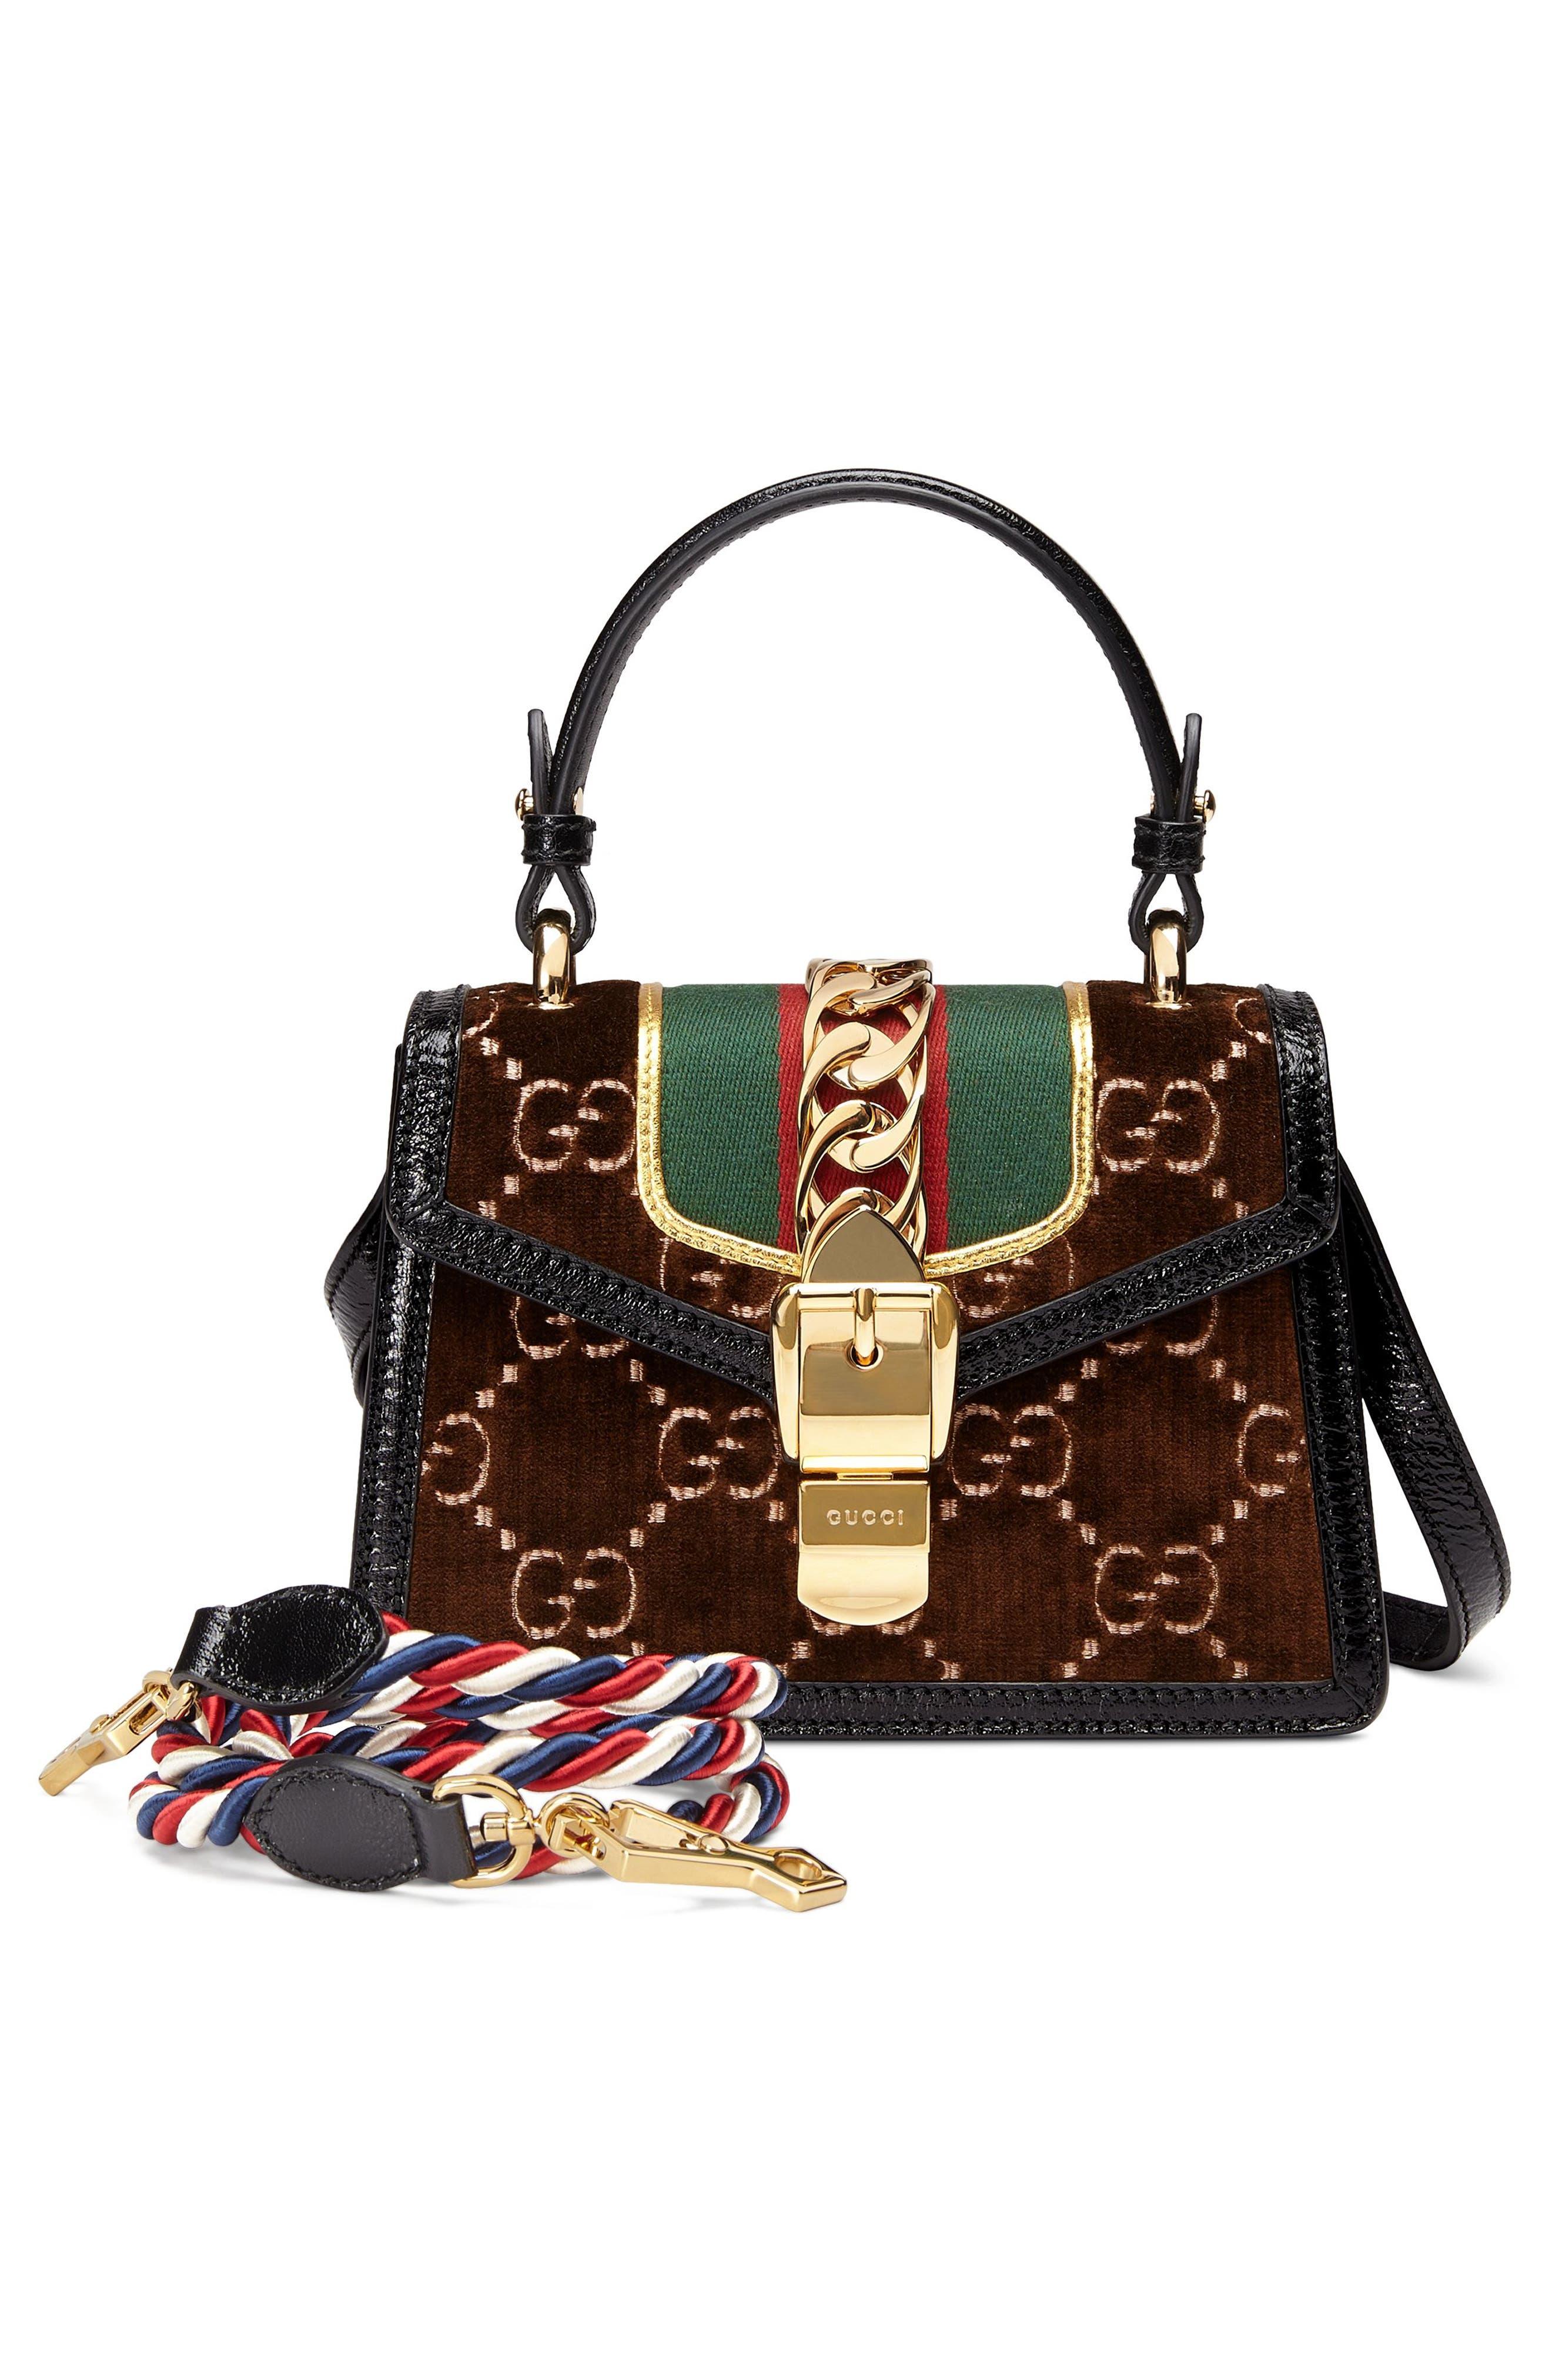 Mini Sylvie Velvet Top Handle Bag,                             Alternate thumbnail 2, color,                             BROWN/ NERO/ VERT RED VERT